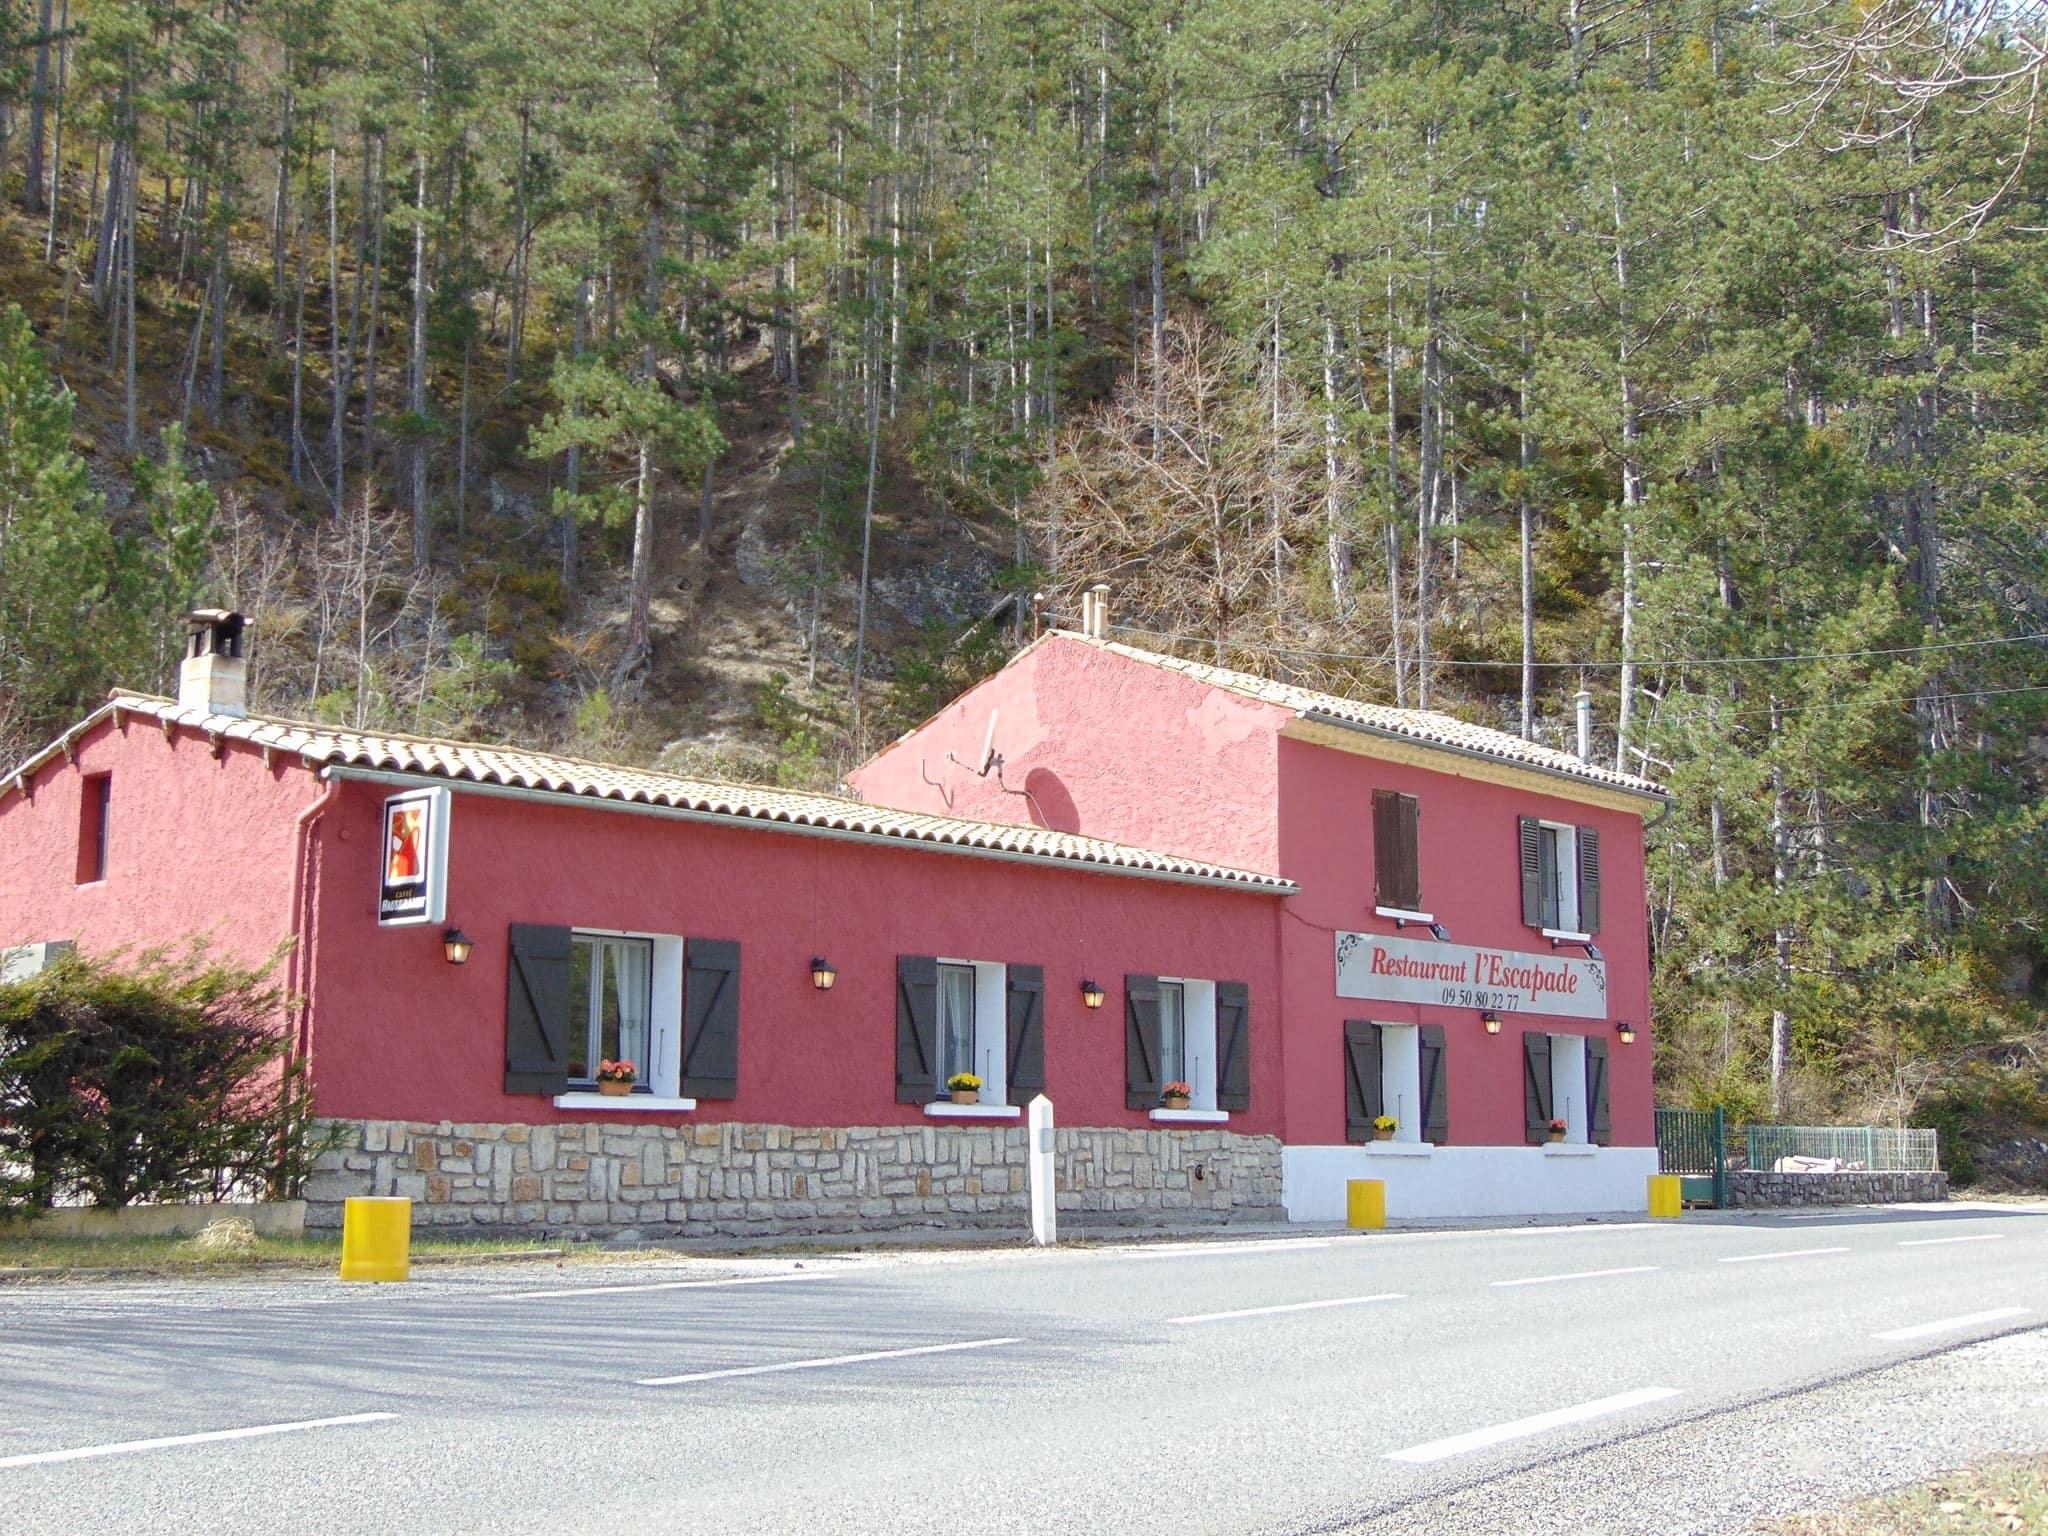 Visiter Castellane : L'Escapade